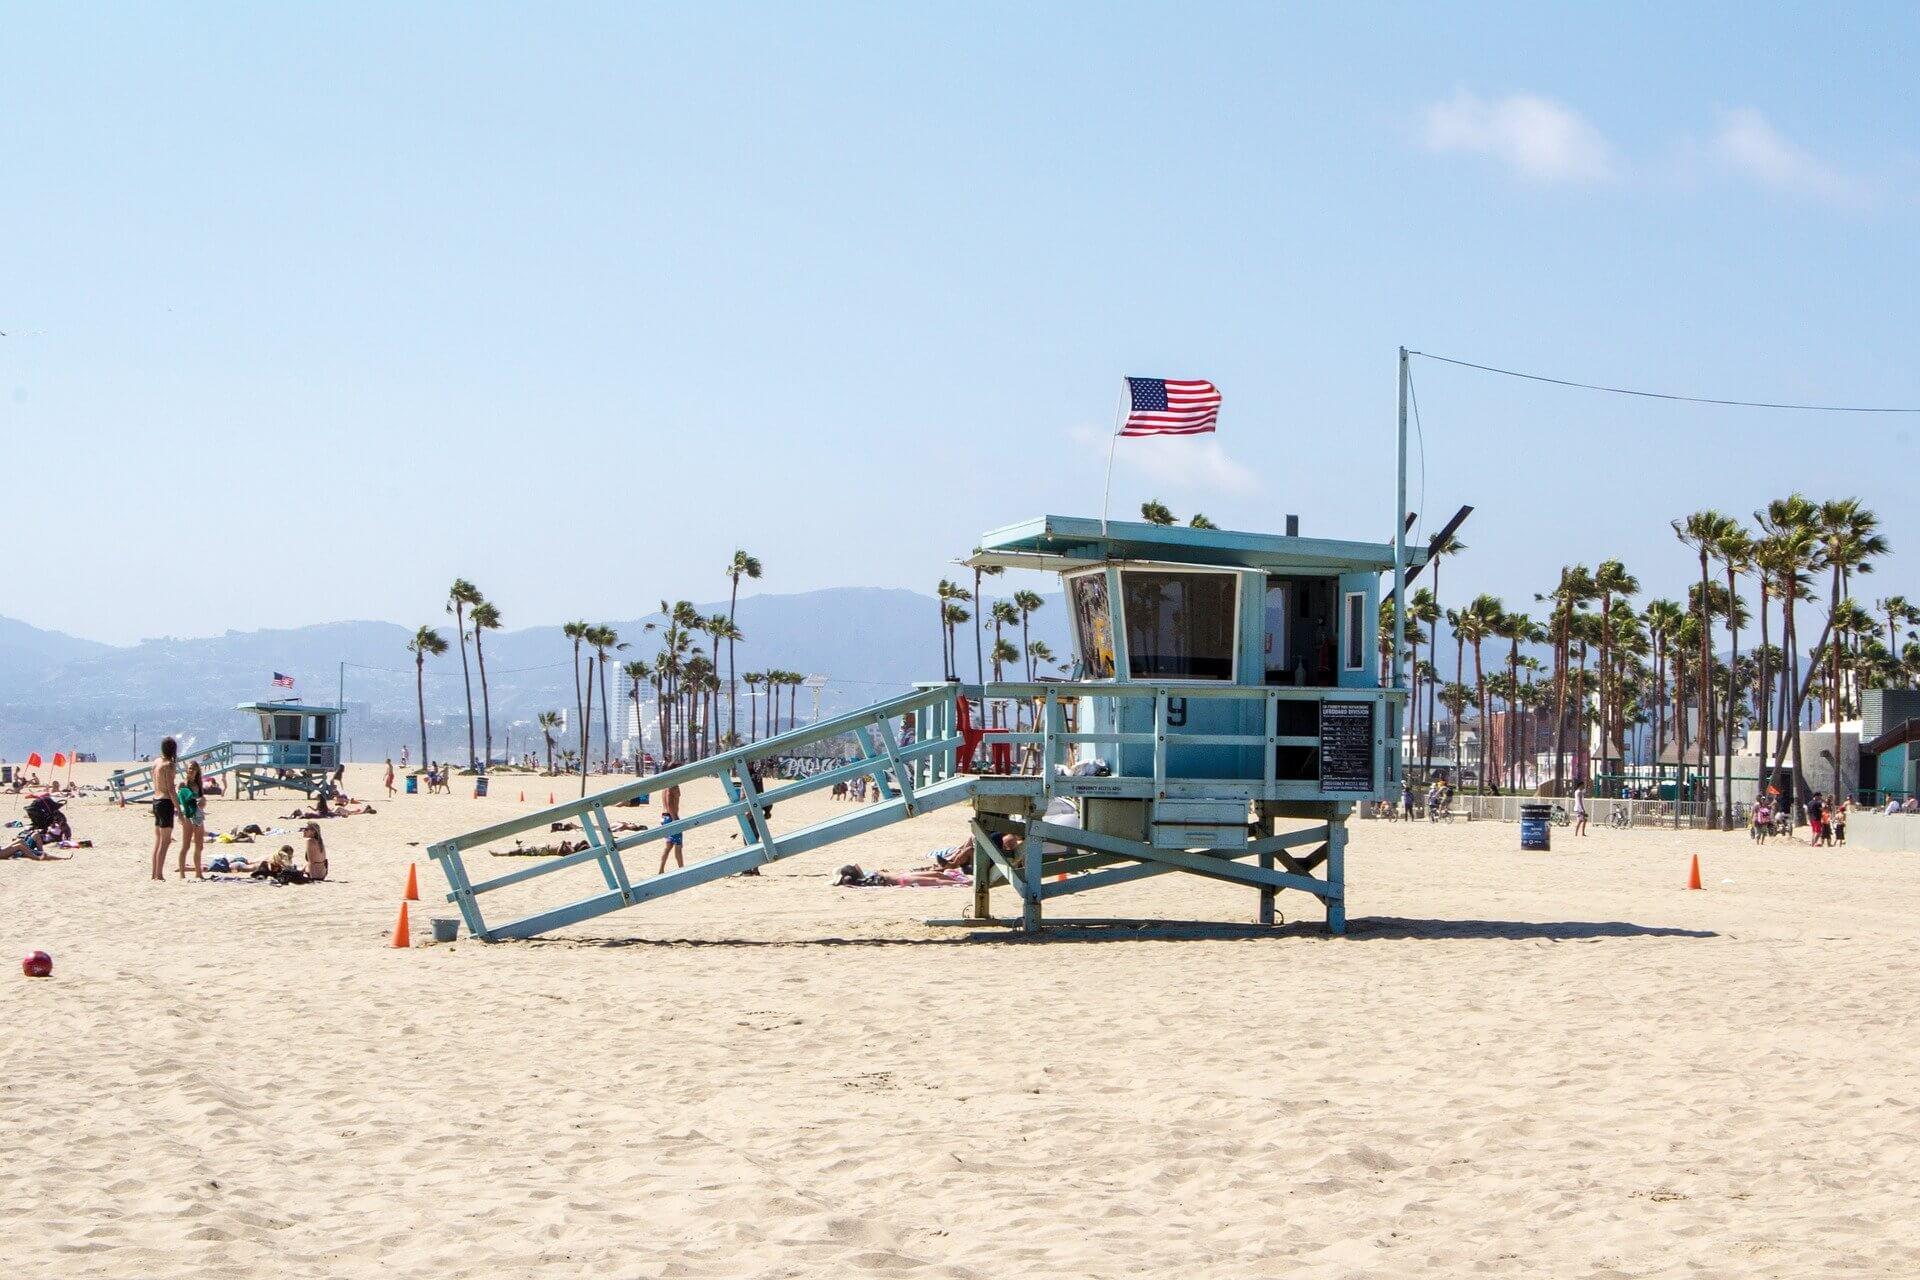 beach-1630458_1920 (1)